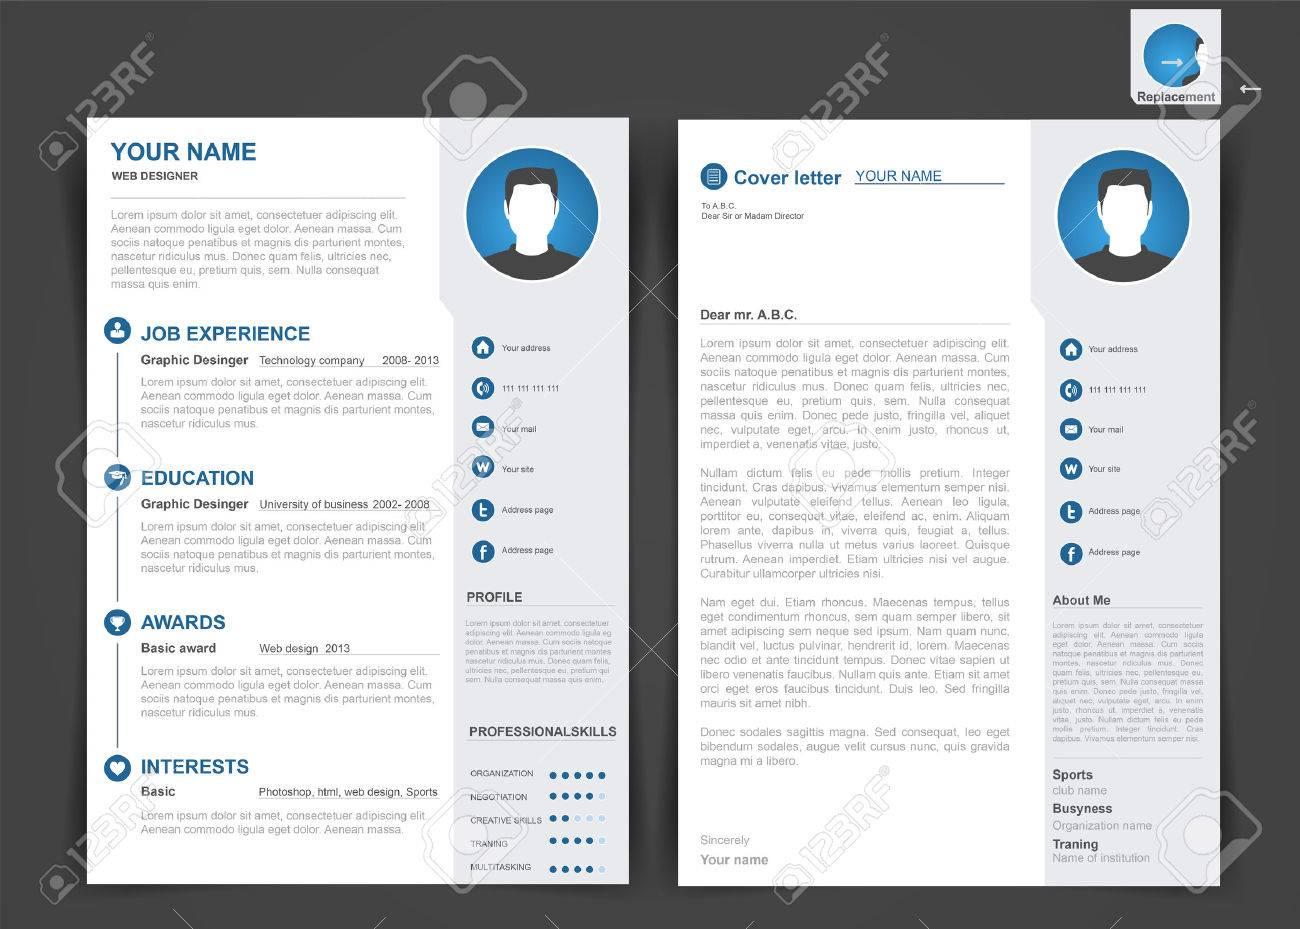 Ohne ein gute vorlage oder eine gute designvorlage für eine bewerbung. Professional Cv Resume Template Of Two Pages A4 Size Royalty Free Cliparts Vectors And Stock Illustration Image 48650664